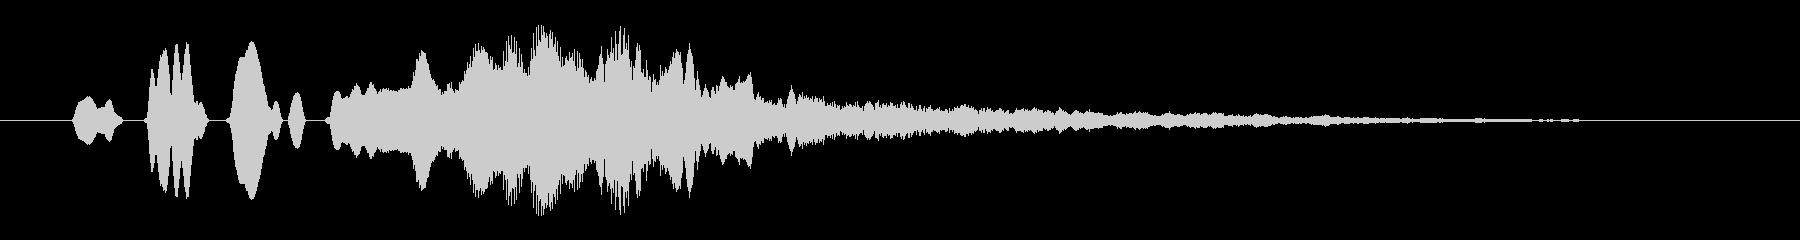 ティンティリンッ (透明感のある音)の未再生の波形